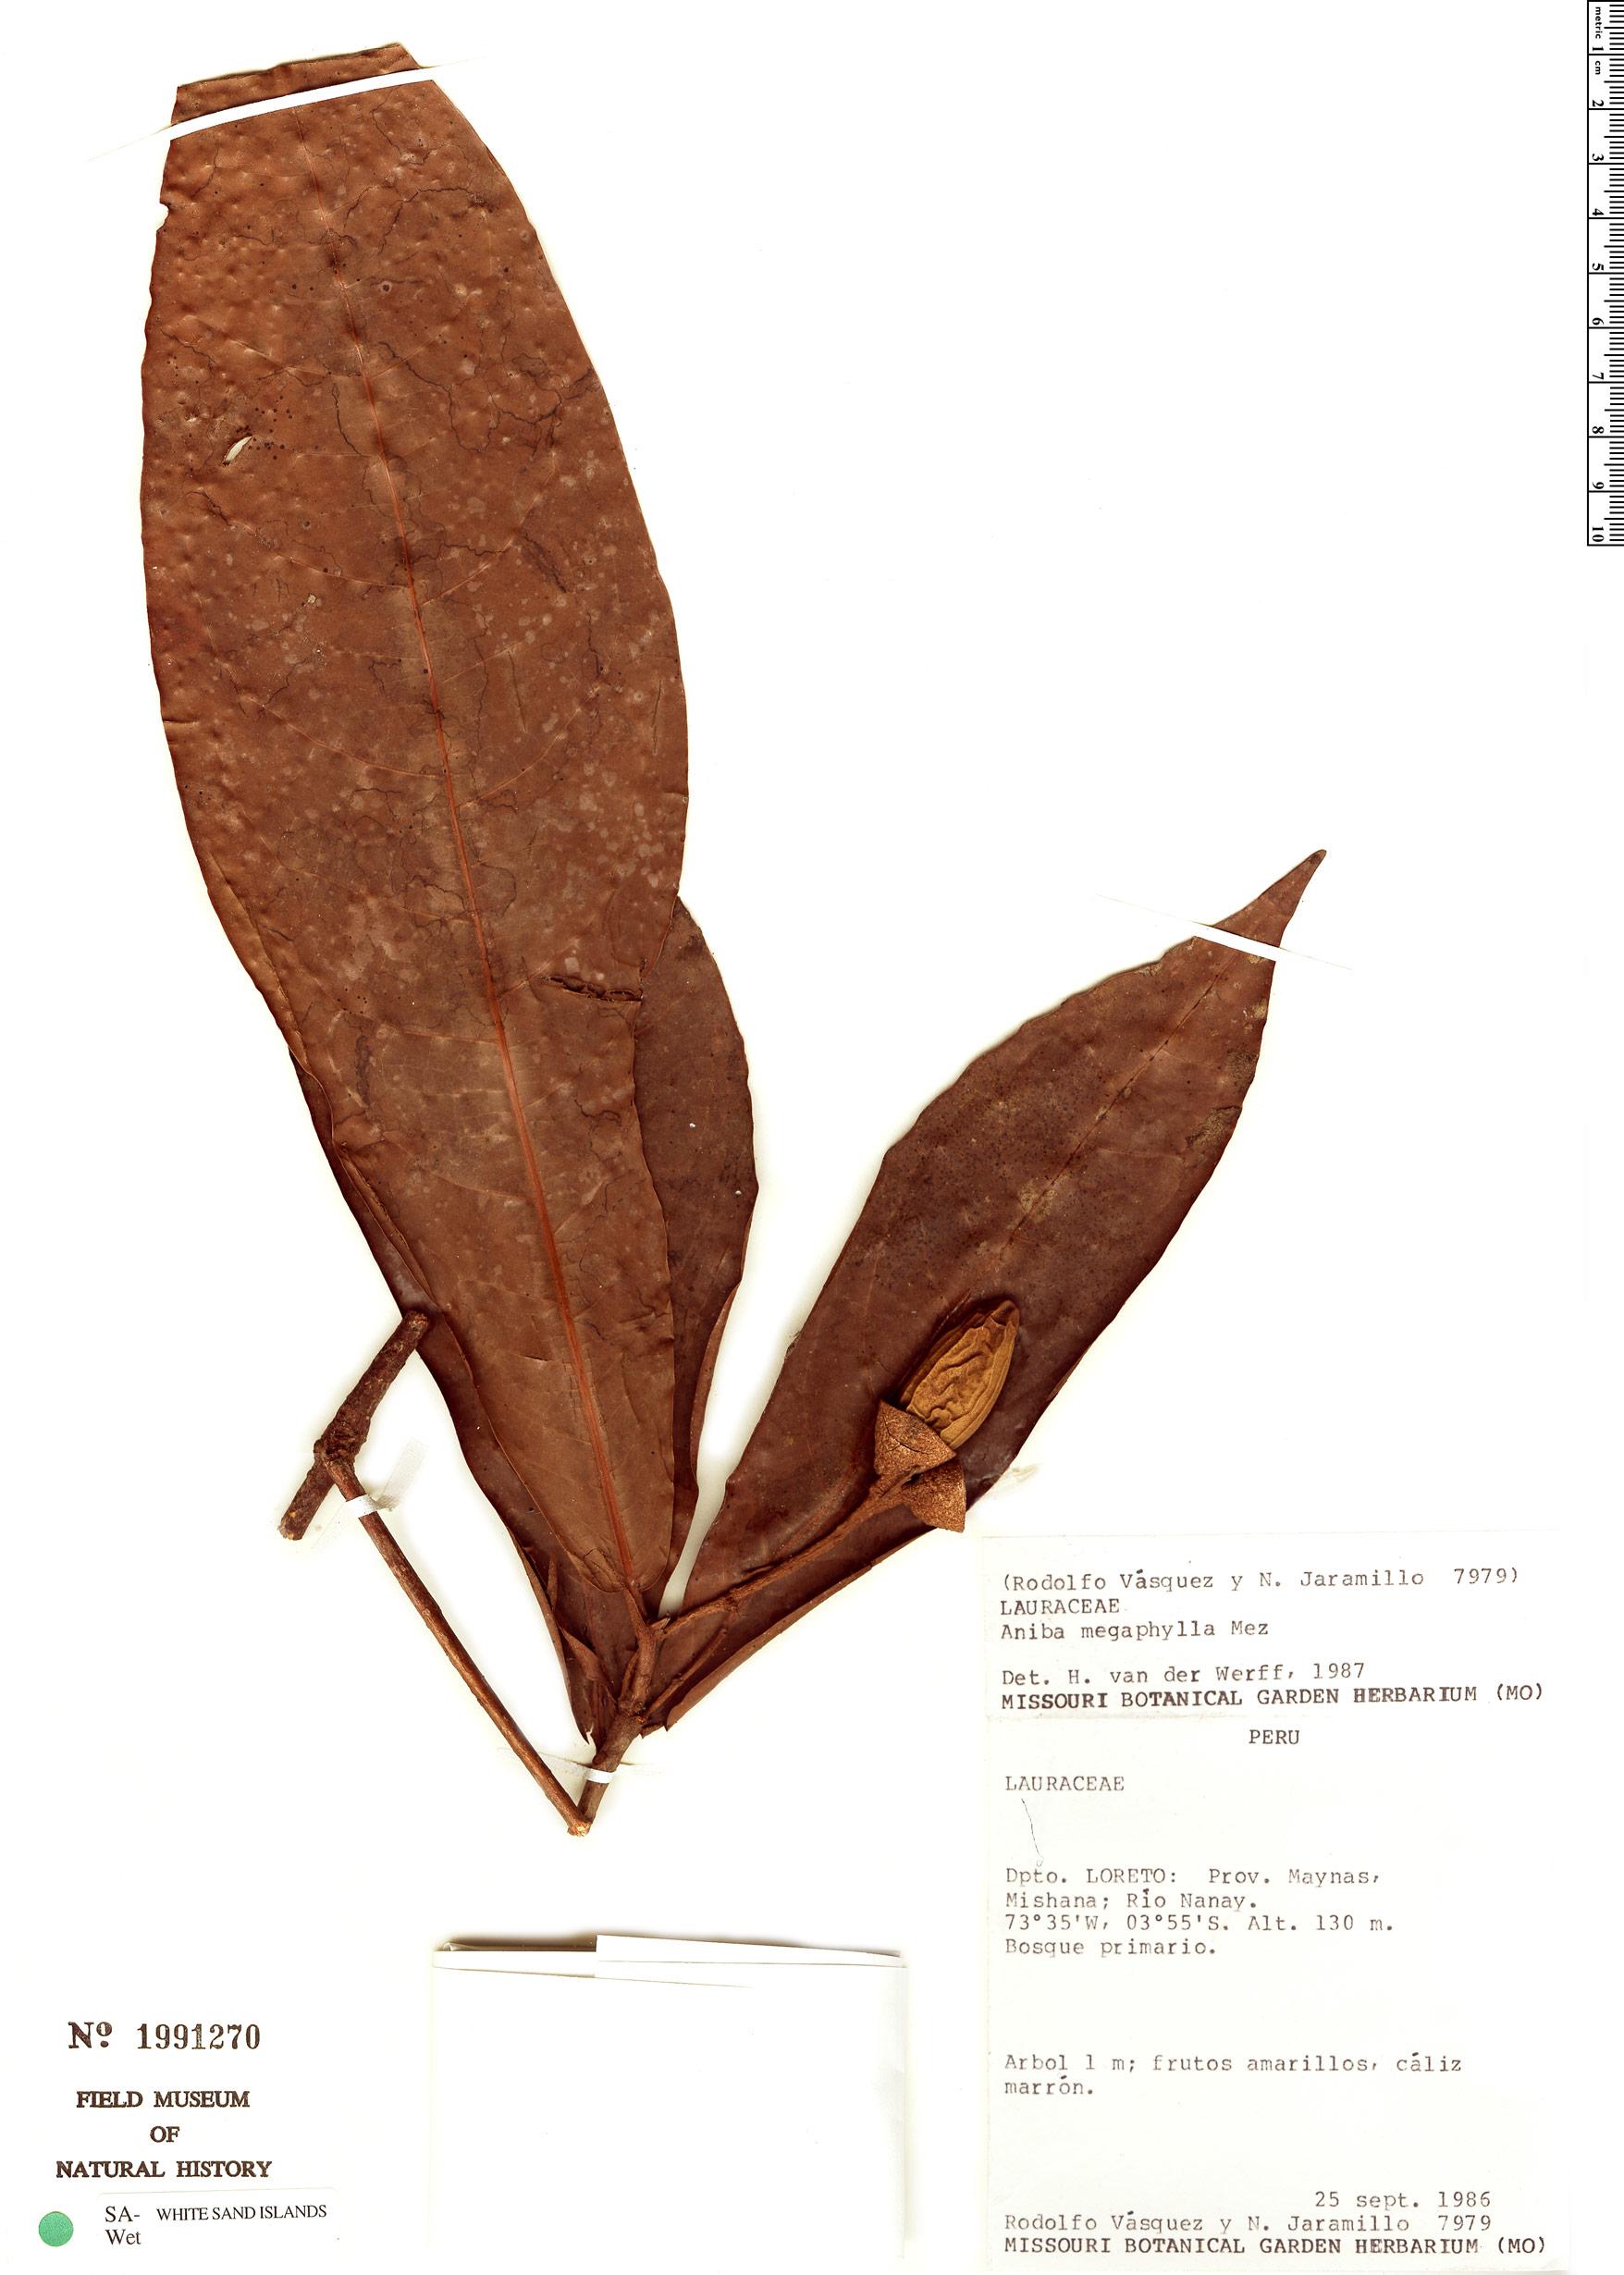 Espécime: Aniba megaphylla